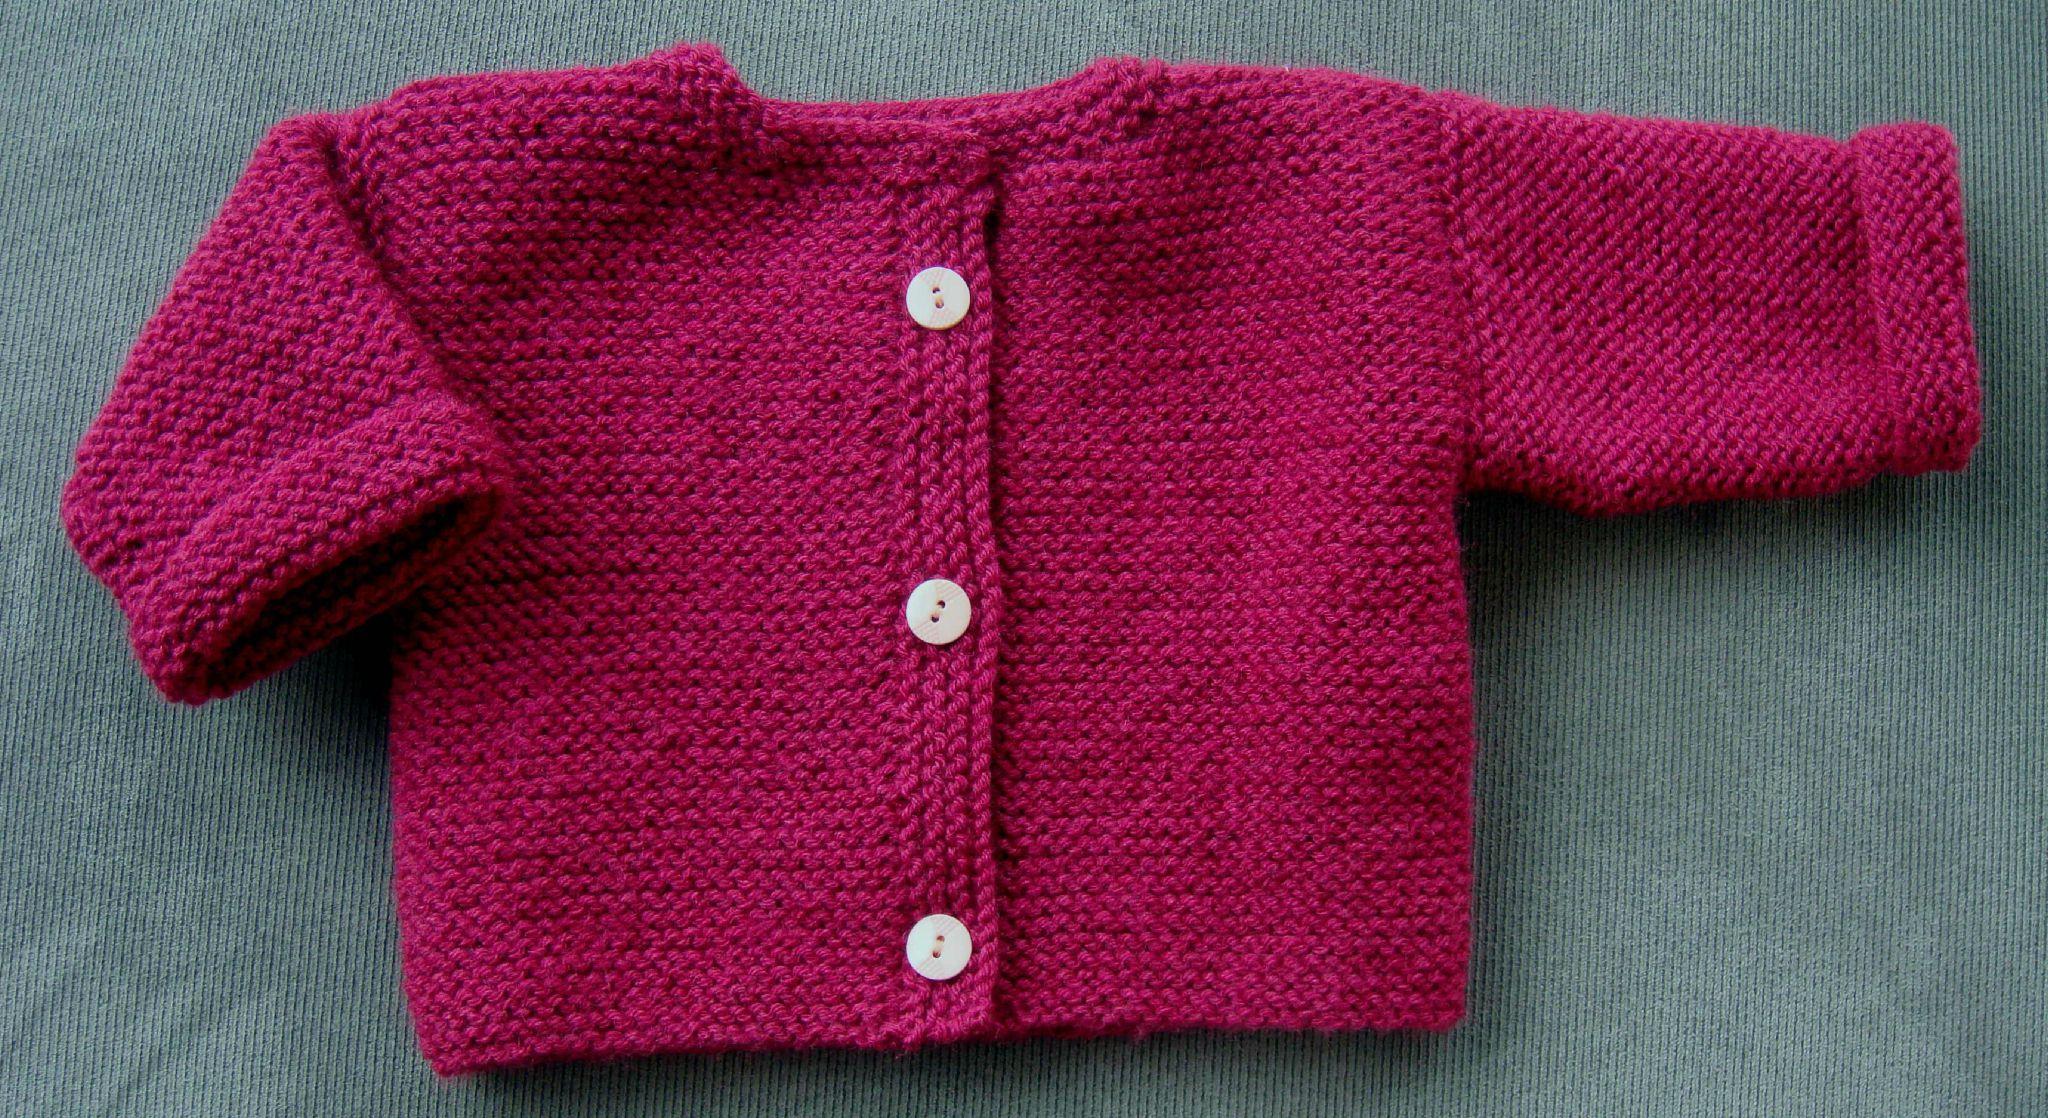 gilet facile a tricoter pour bebe laine et tricot. Black Bedroom Furniture Sets. Home Design Ideas